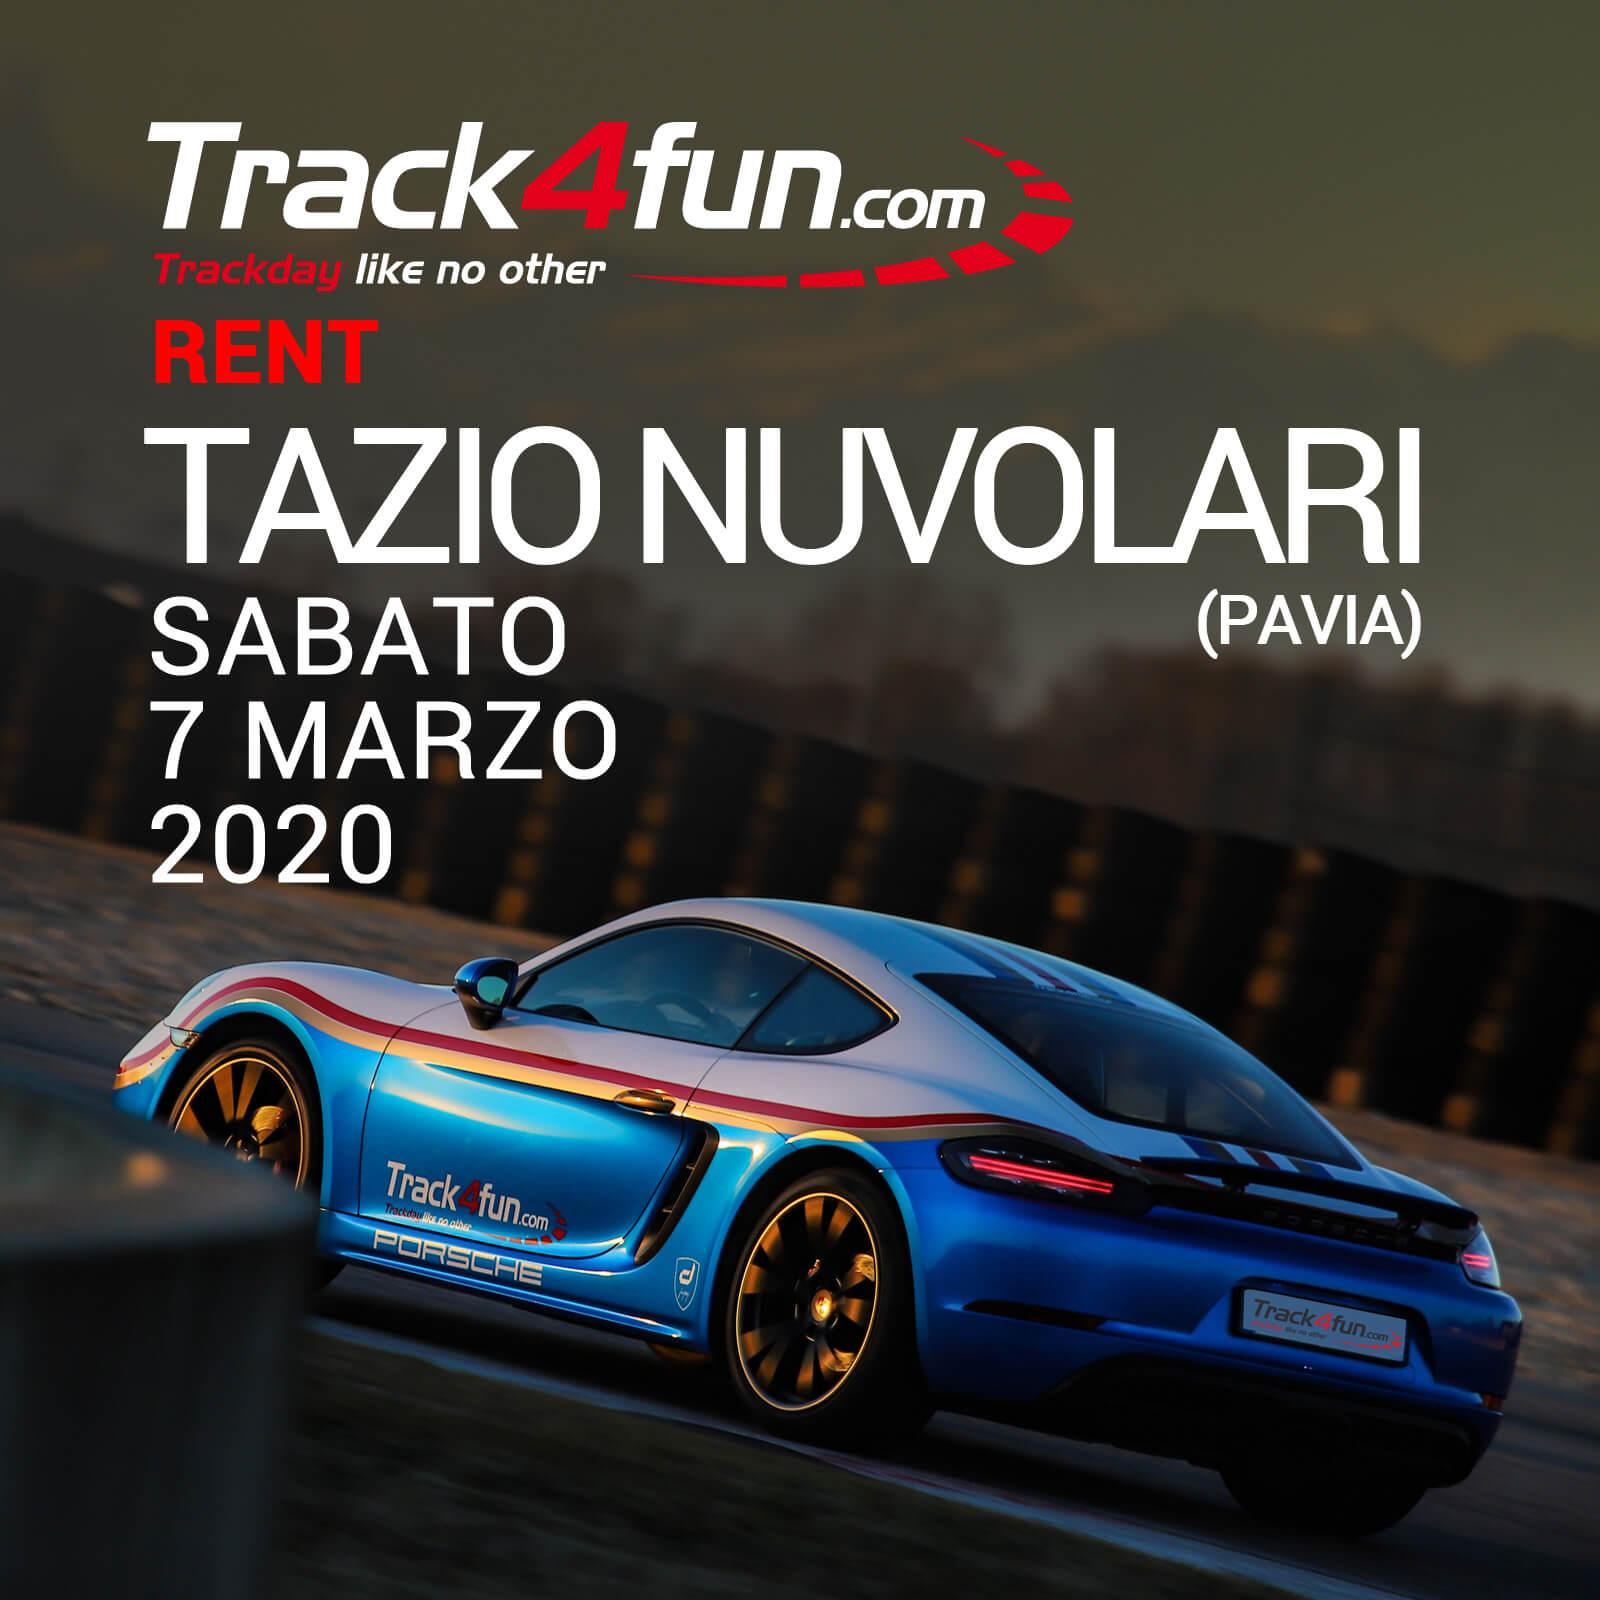 Track4fun Rent Tazio Nuvolari 07-03-2020